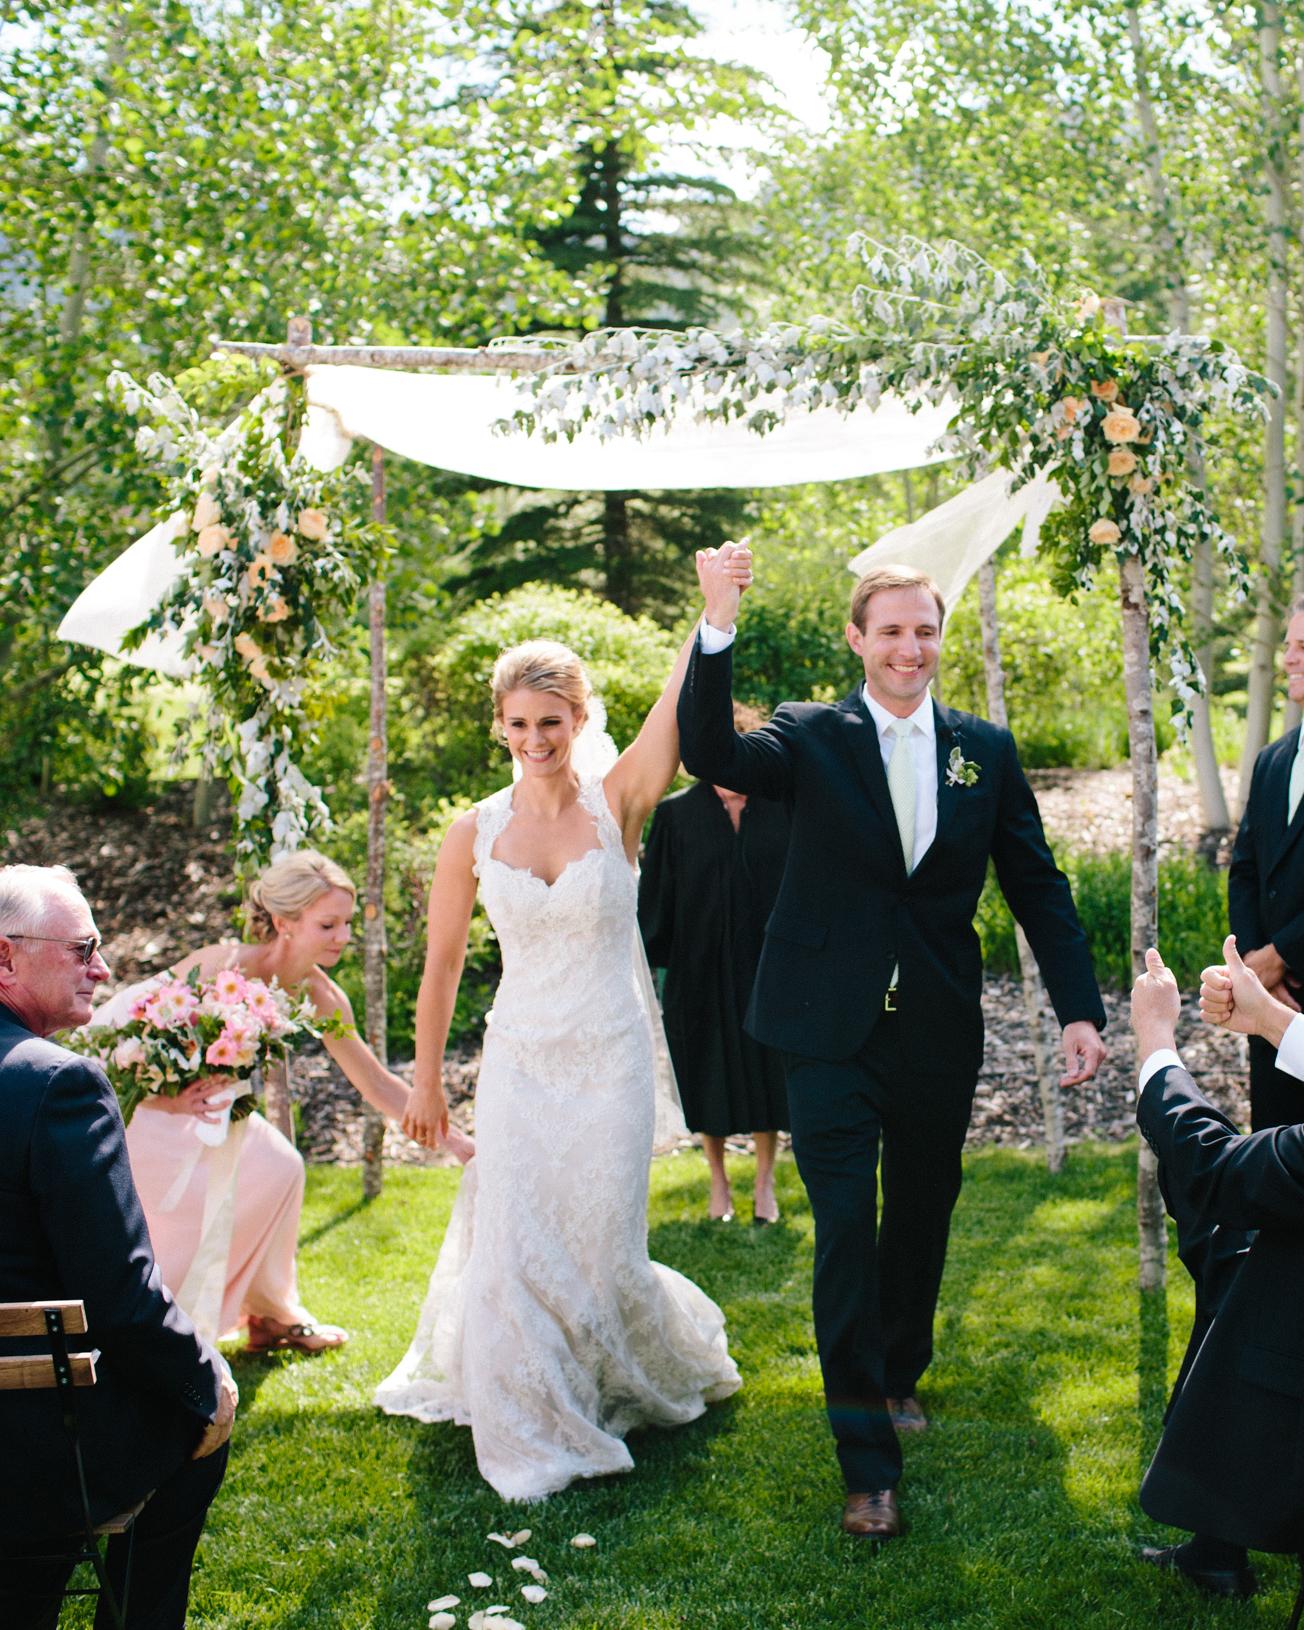 jamie-alex-wedding-ceremony-183-s111544-1014.jpg